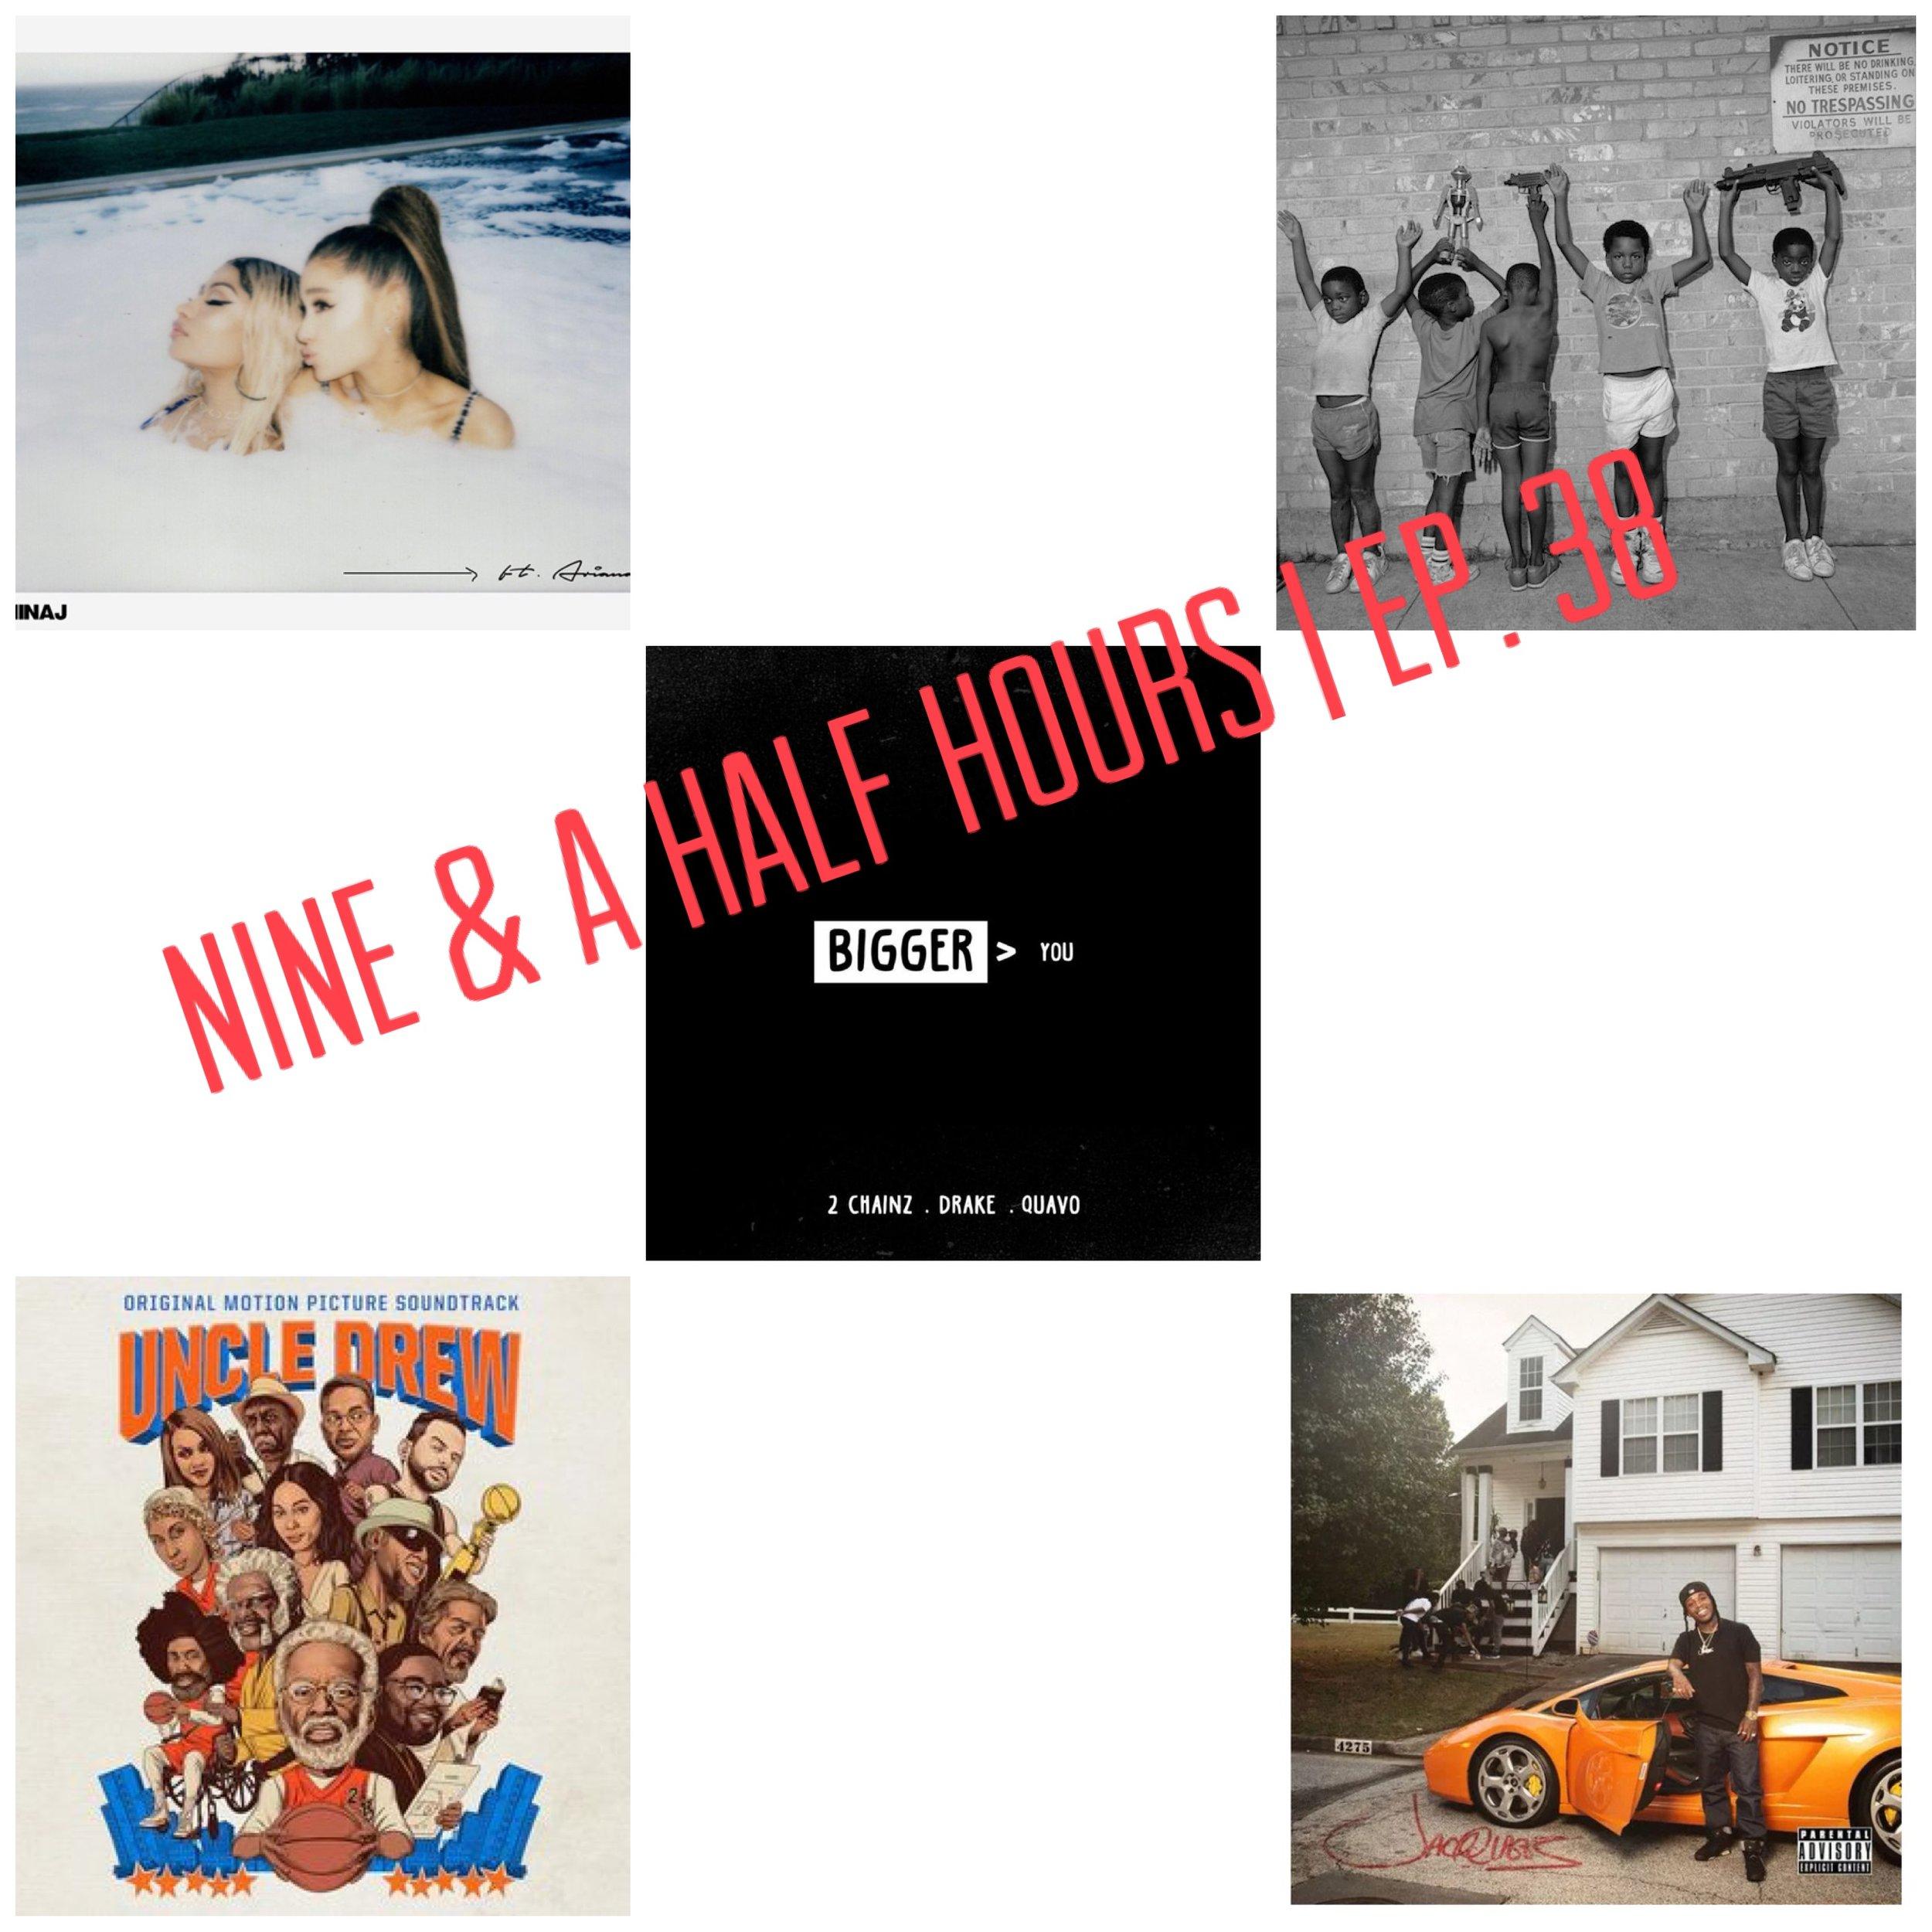 Nine & Half Hours | Ep 38